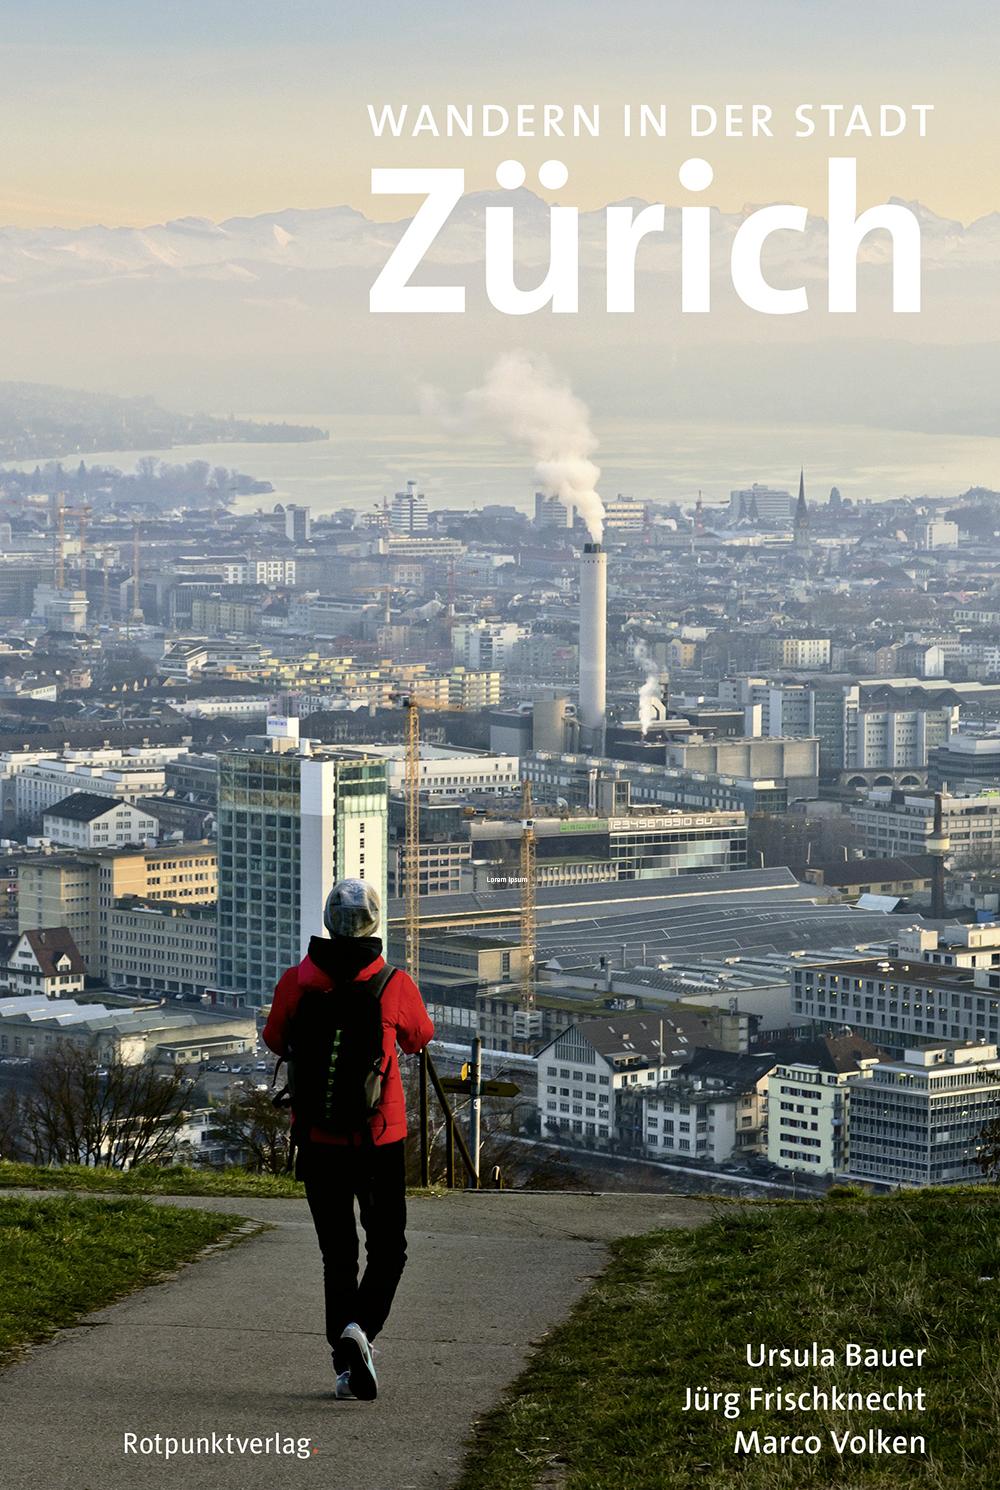 «Wandern in der Stadt Zürich», Ursula Bauer, Jürg Frischknecht, Marco Volken, Zürich 2018, Signatur: 2018 A 16468